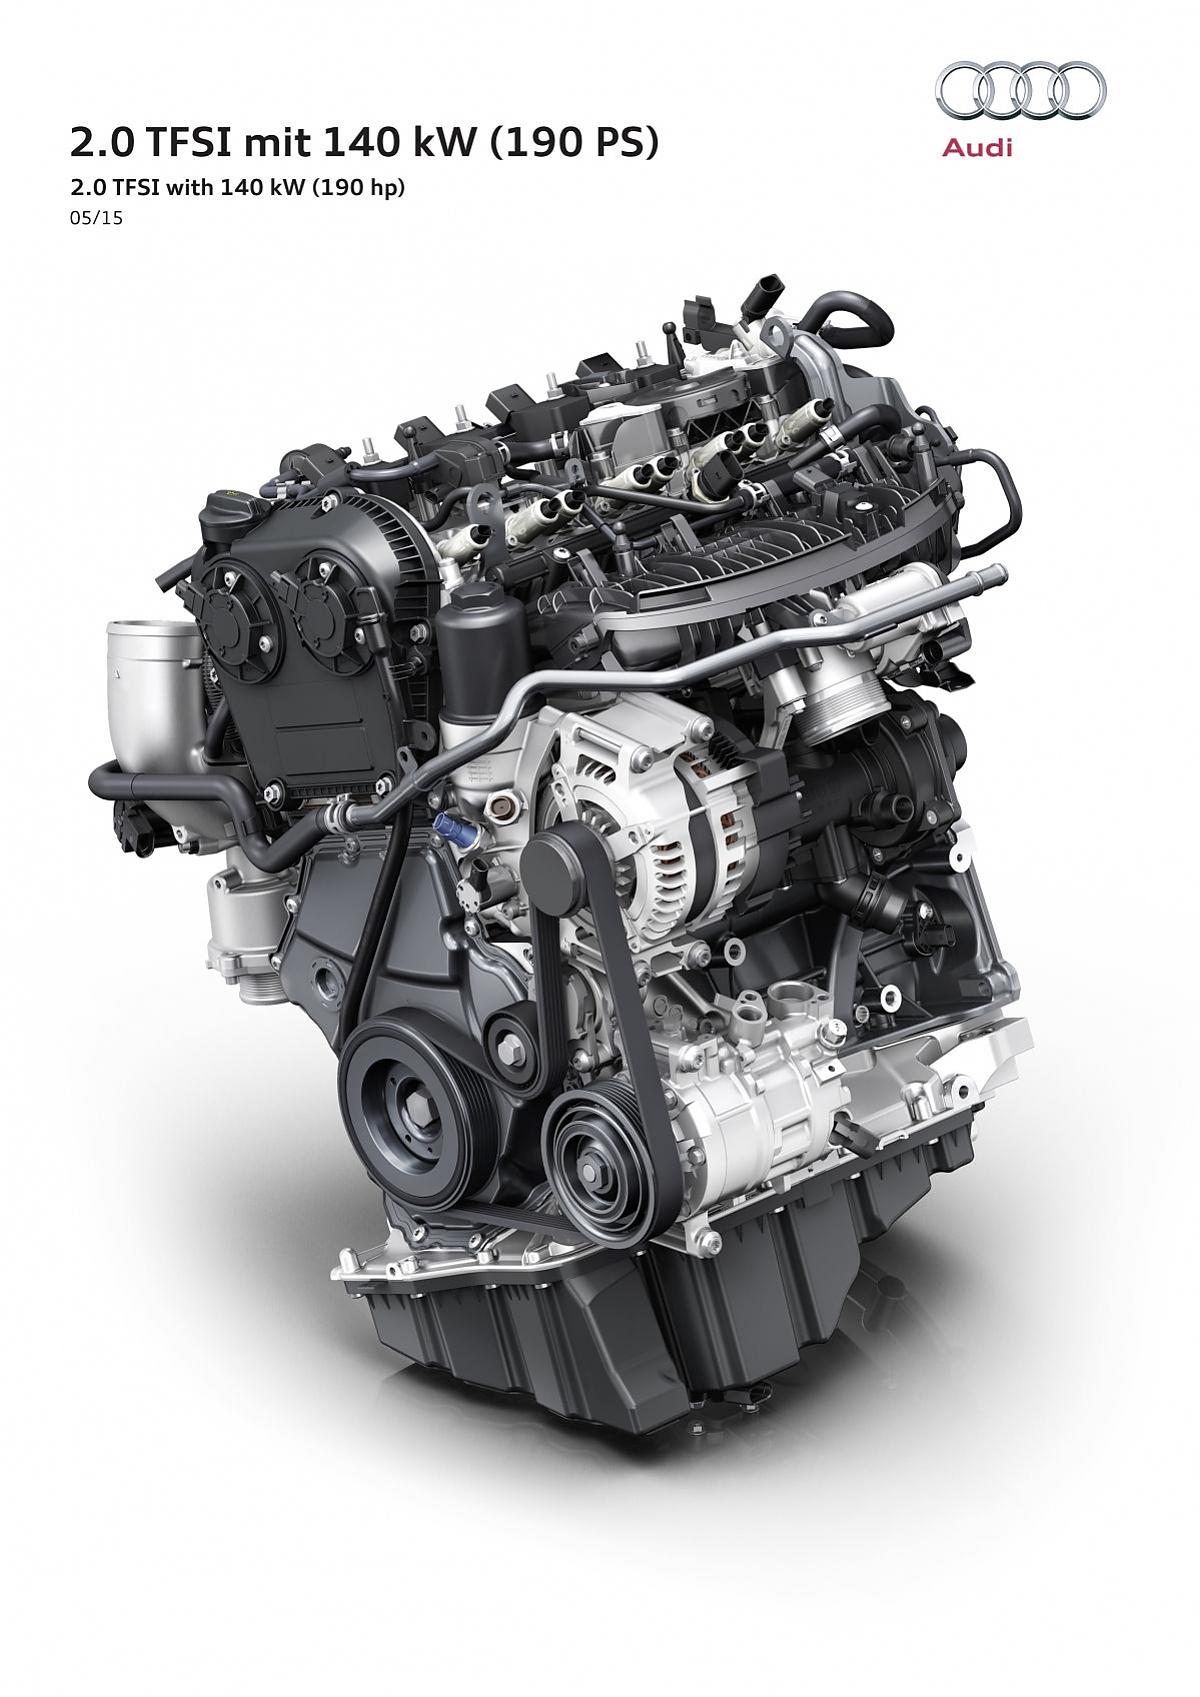 Audi 2.0 TFSI Motor - 140 kW / 190 PS und unter fünf Liter Verbrauch Bild:  Audi